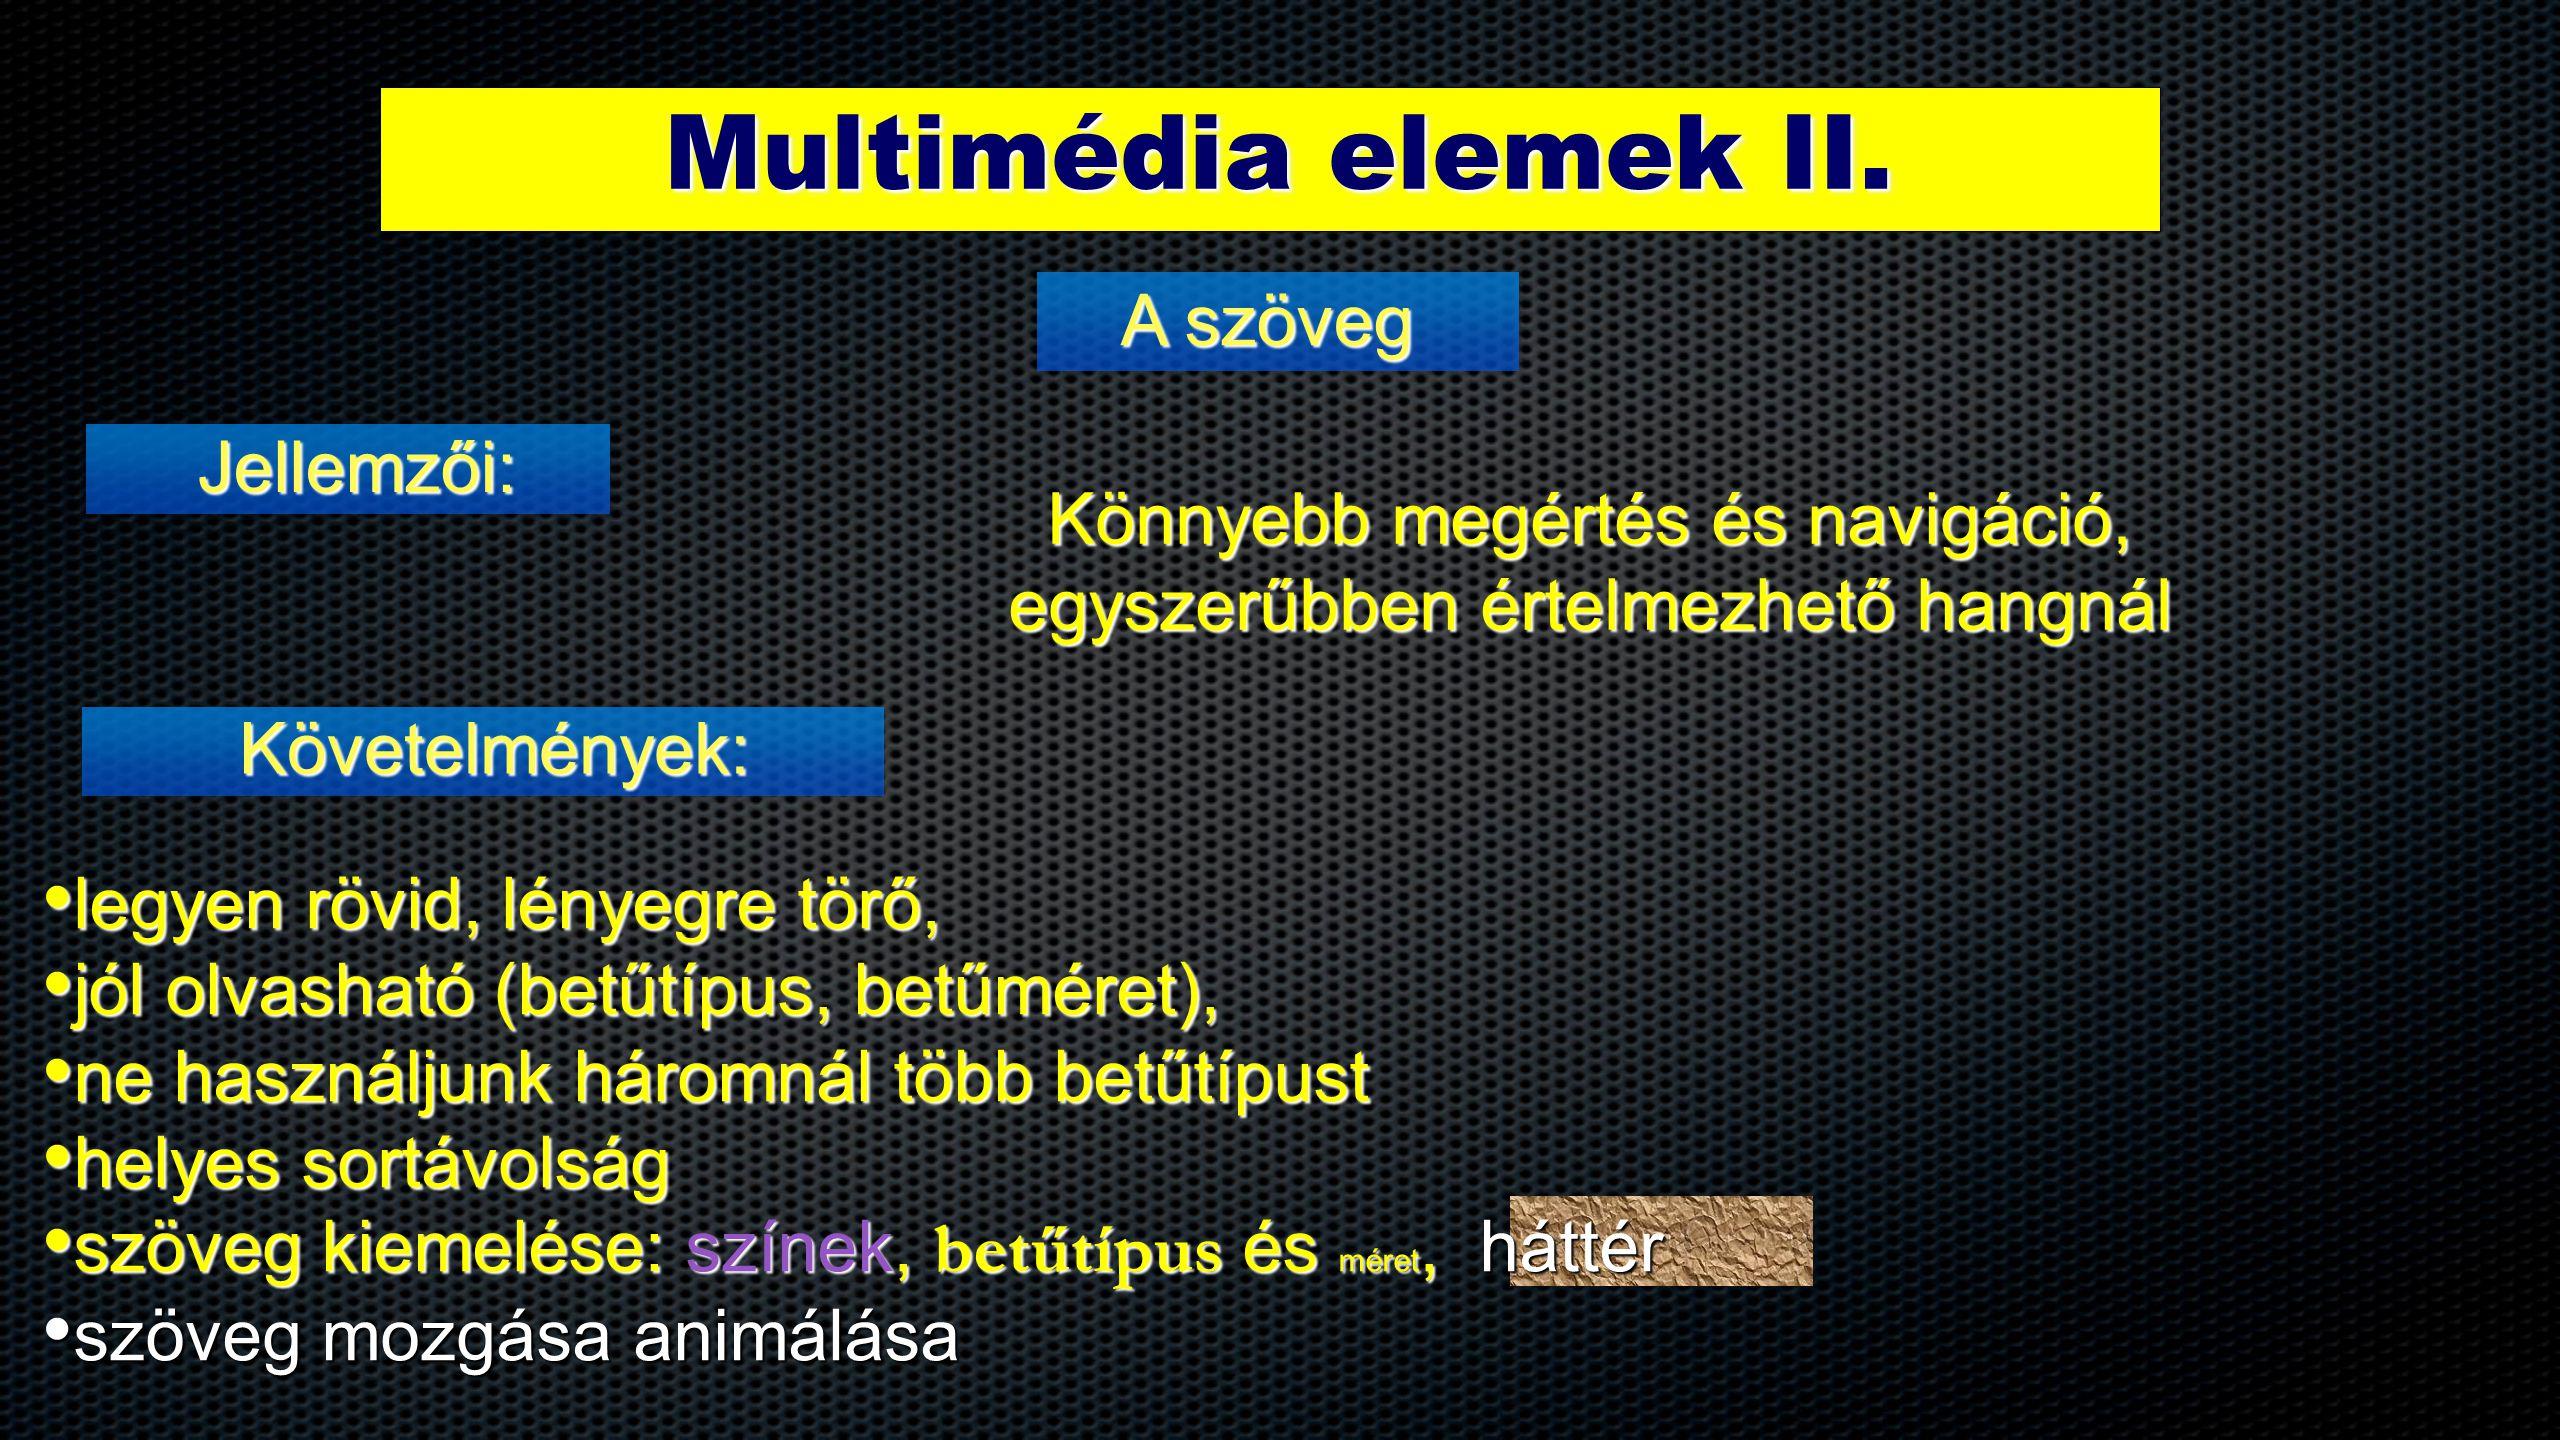 Multimédia elemek II. A szöveg Jellemzői: